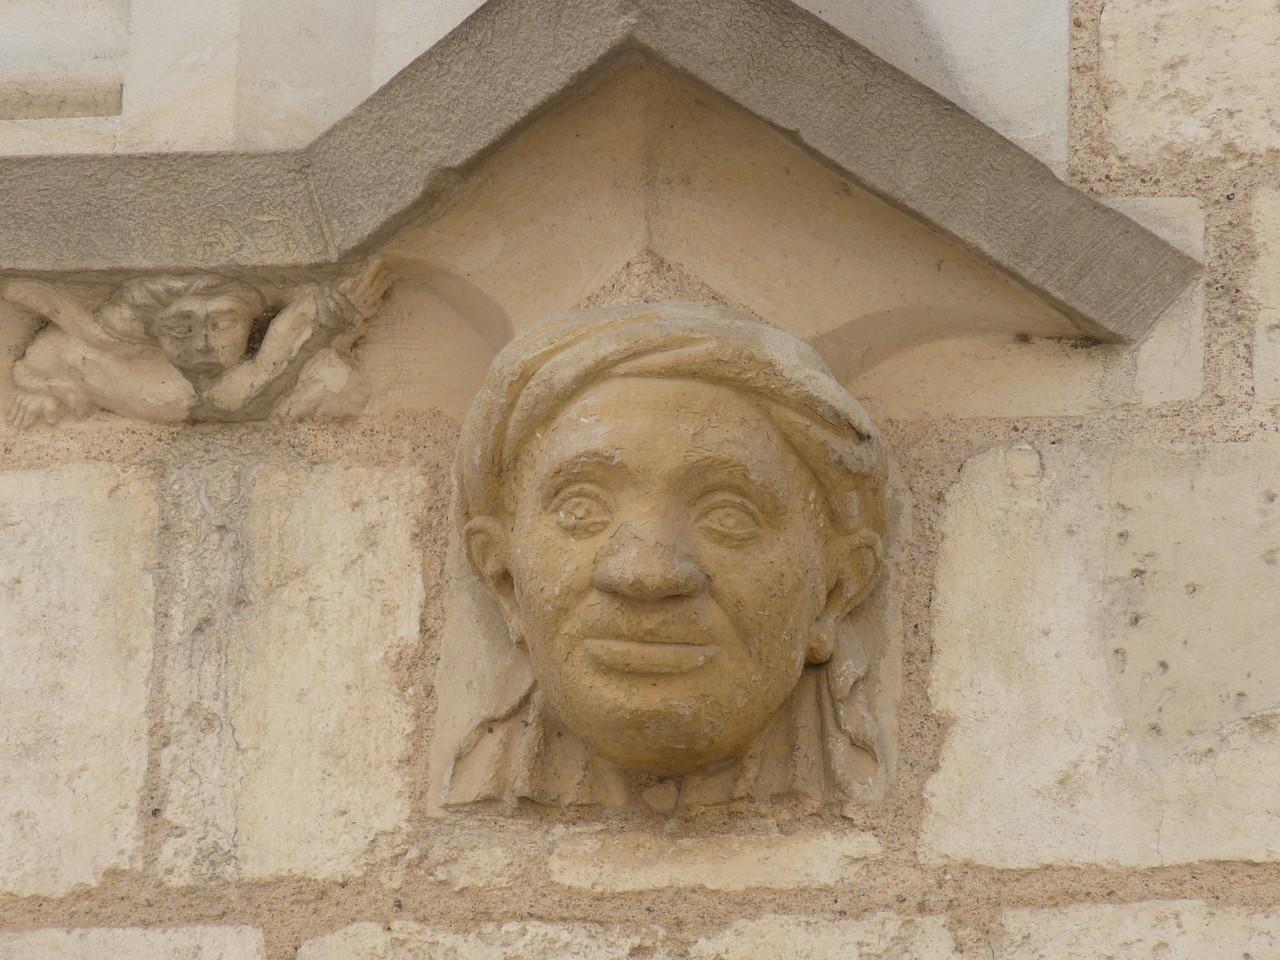 Bourges, maison de J. Coeur : tête d'Africain enturbanné sur la façade avant